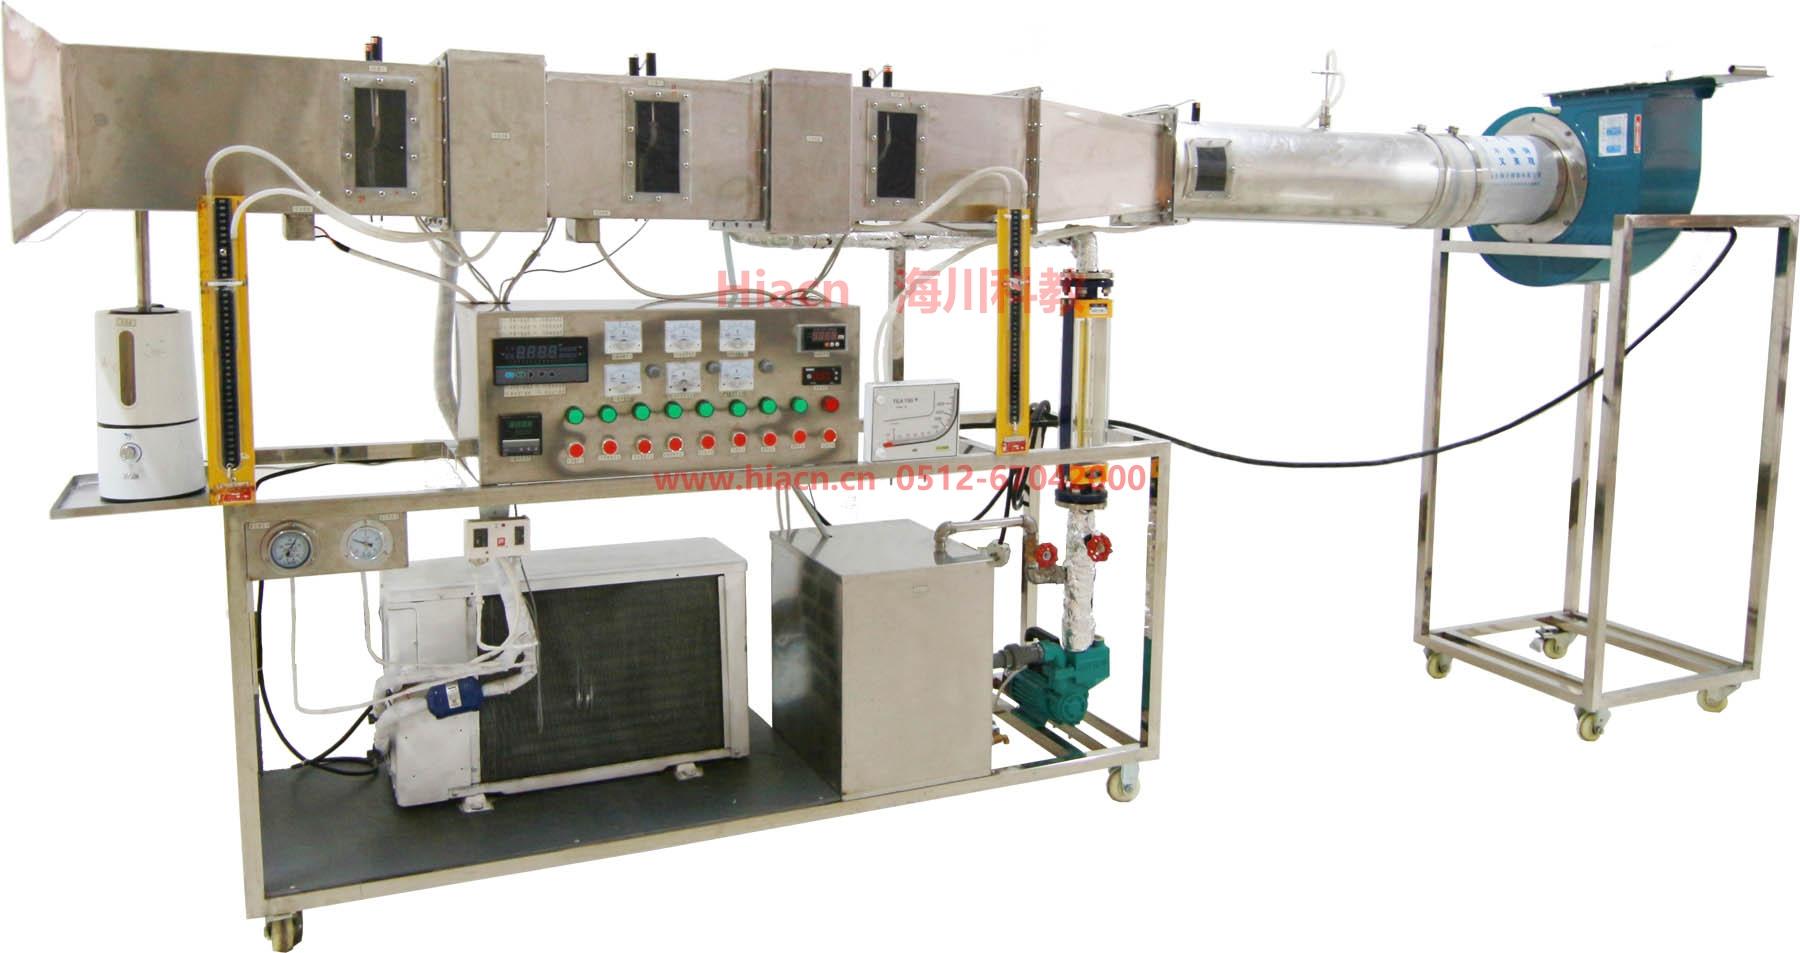 空调制冷换热综合实验装置产品图片